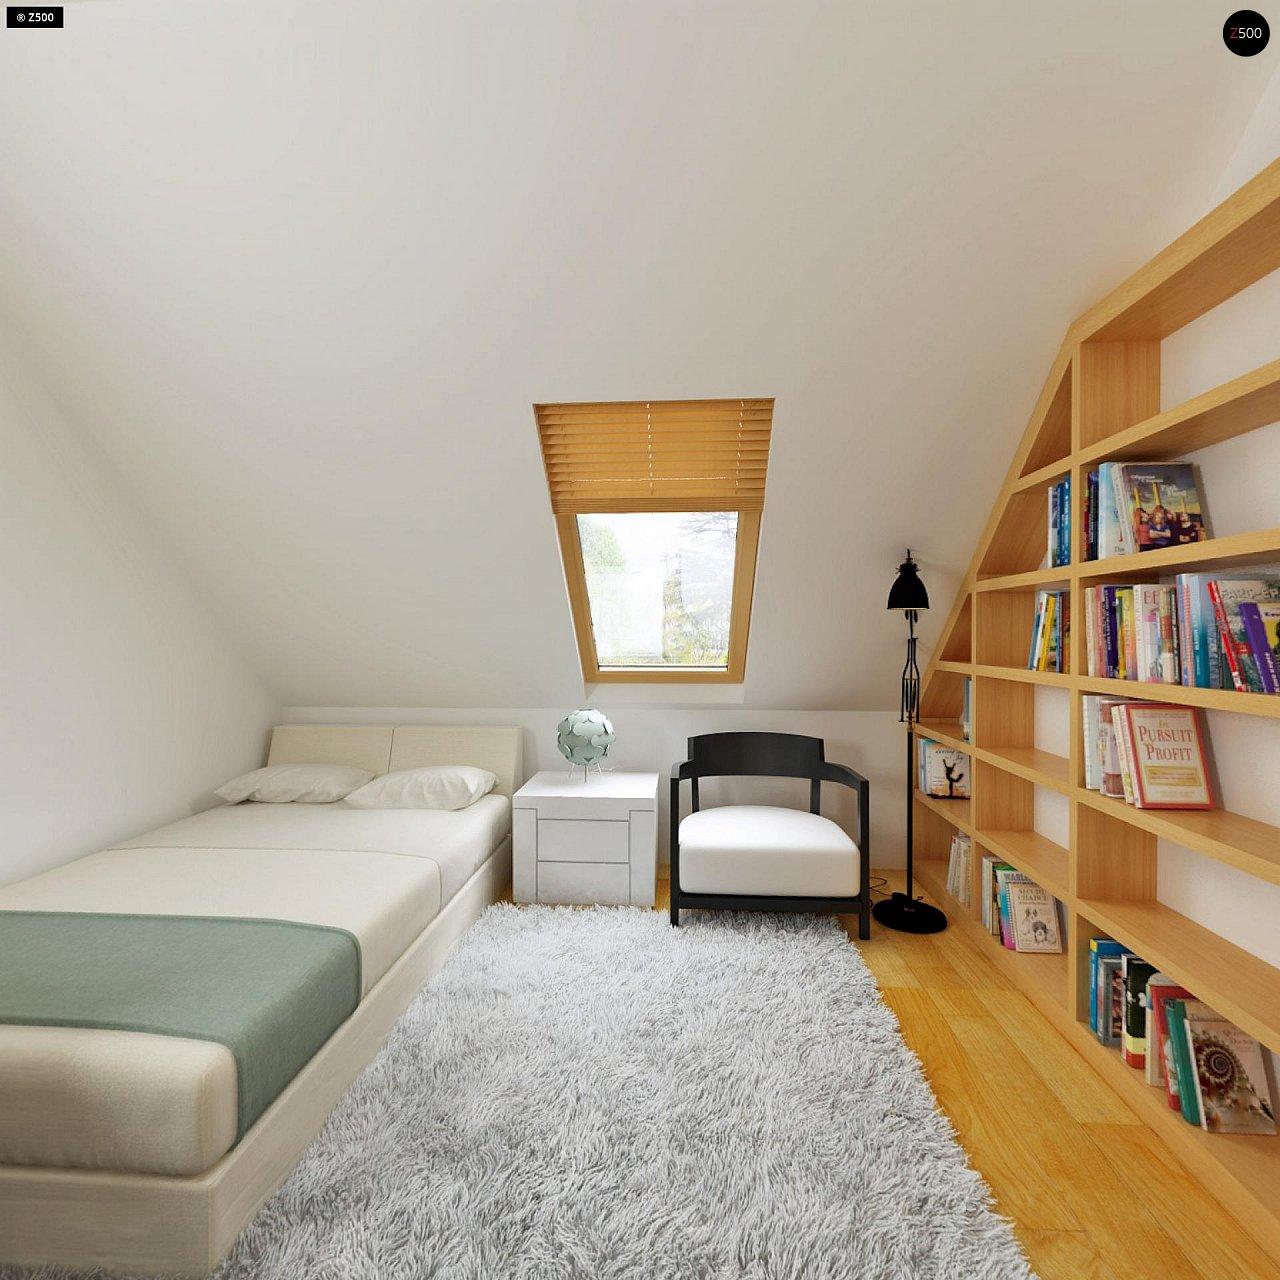 Практичный дом для небольшого участка, простой в строительстве, дешевый в эксплуатации. 17